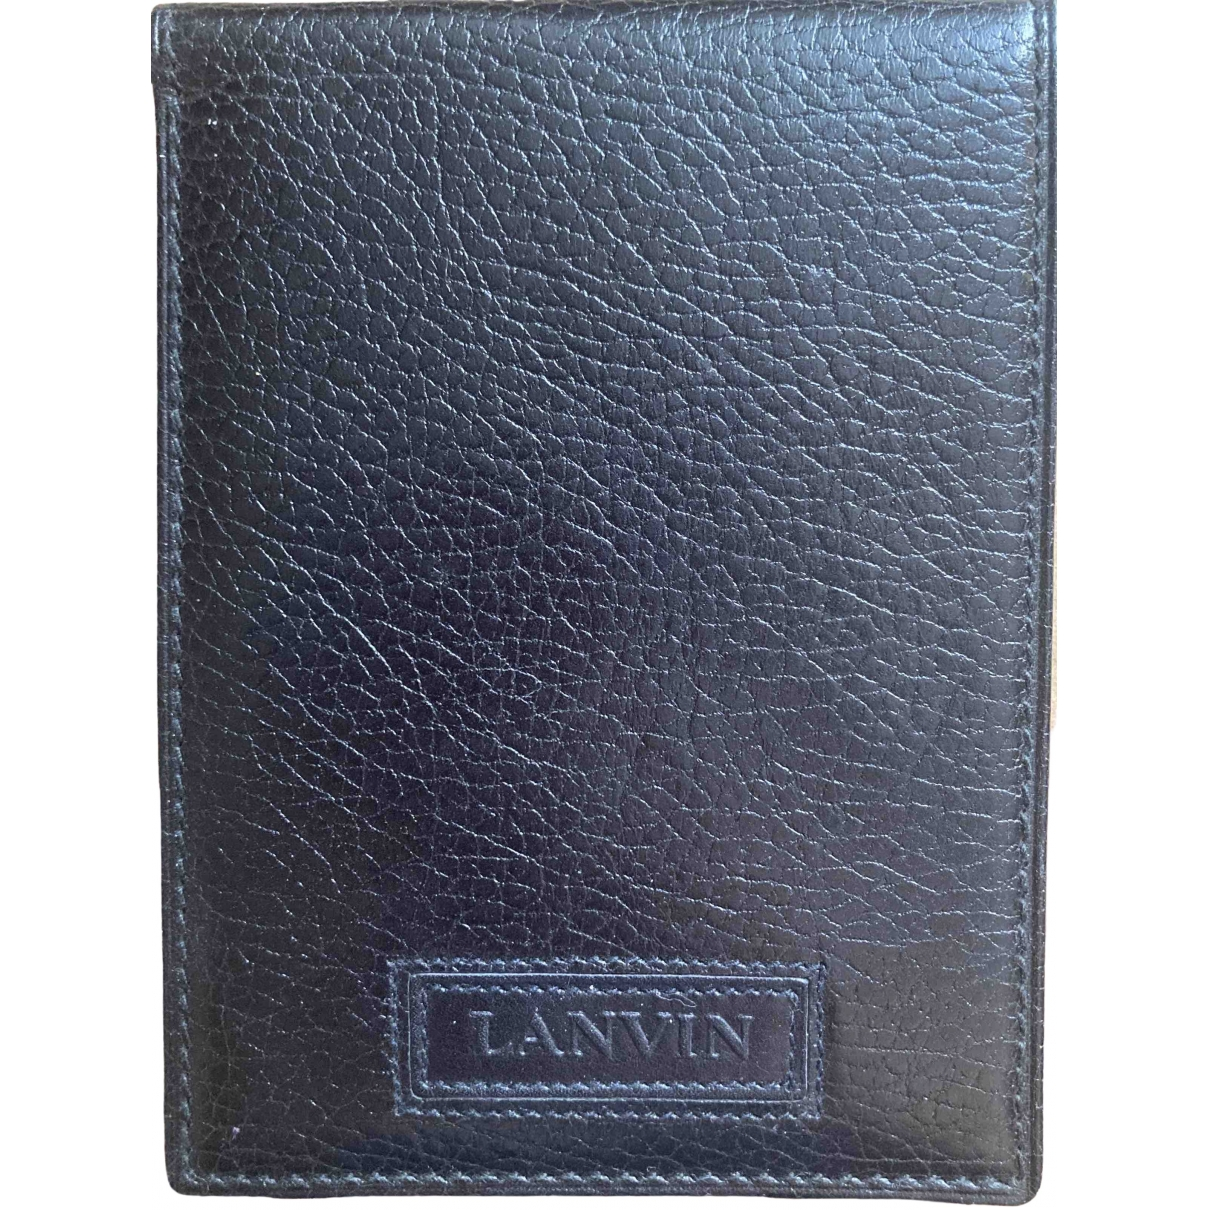 Lanvin - Petite maroquinerie   pour homme en cuir - noir